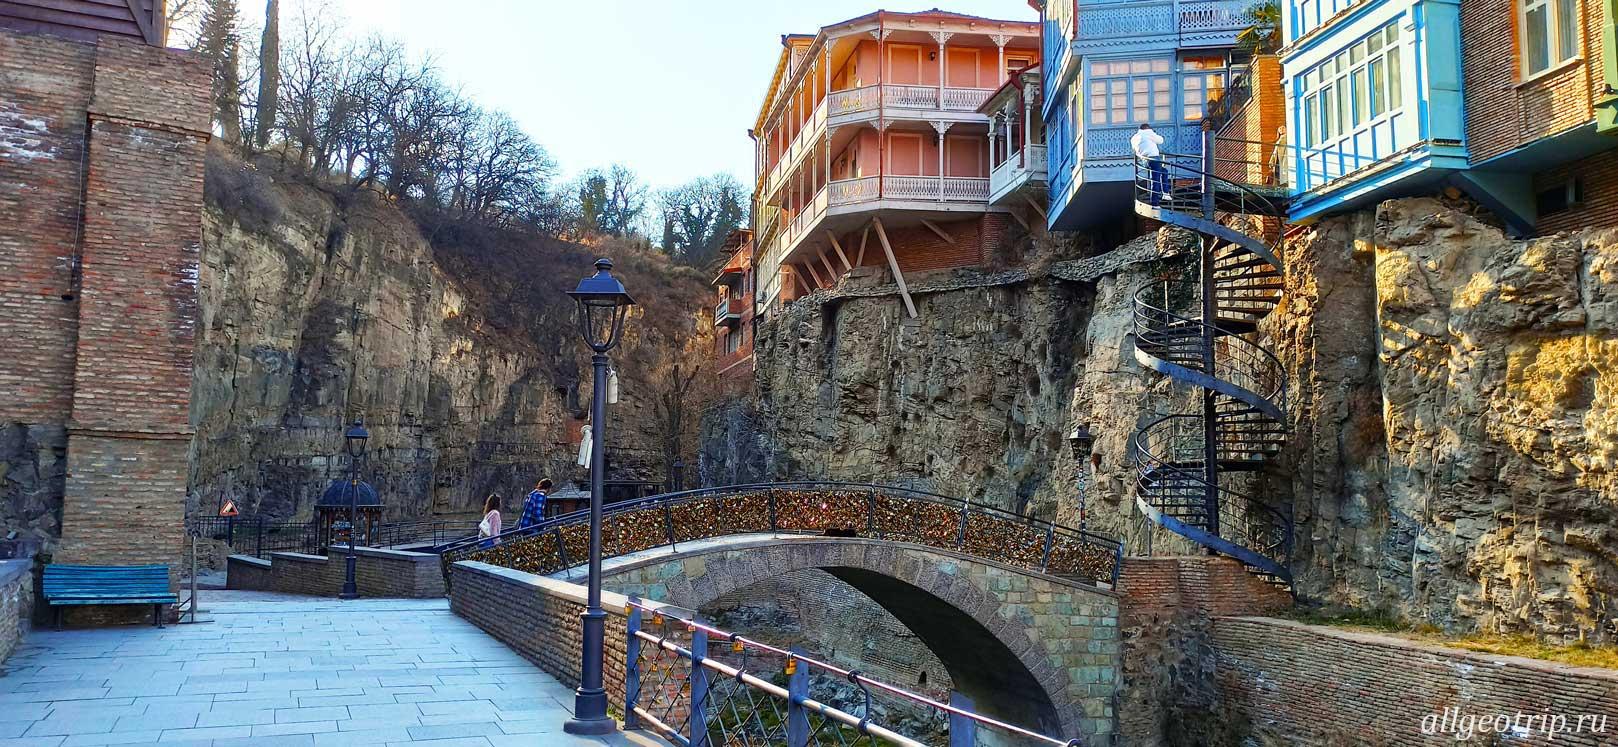 Индивидуальная экскурсия по Тбилиси Инжирное ущелье